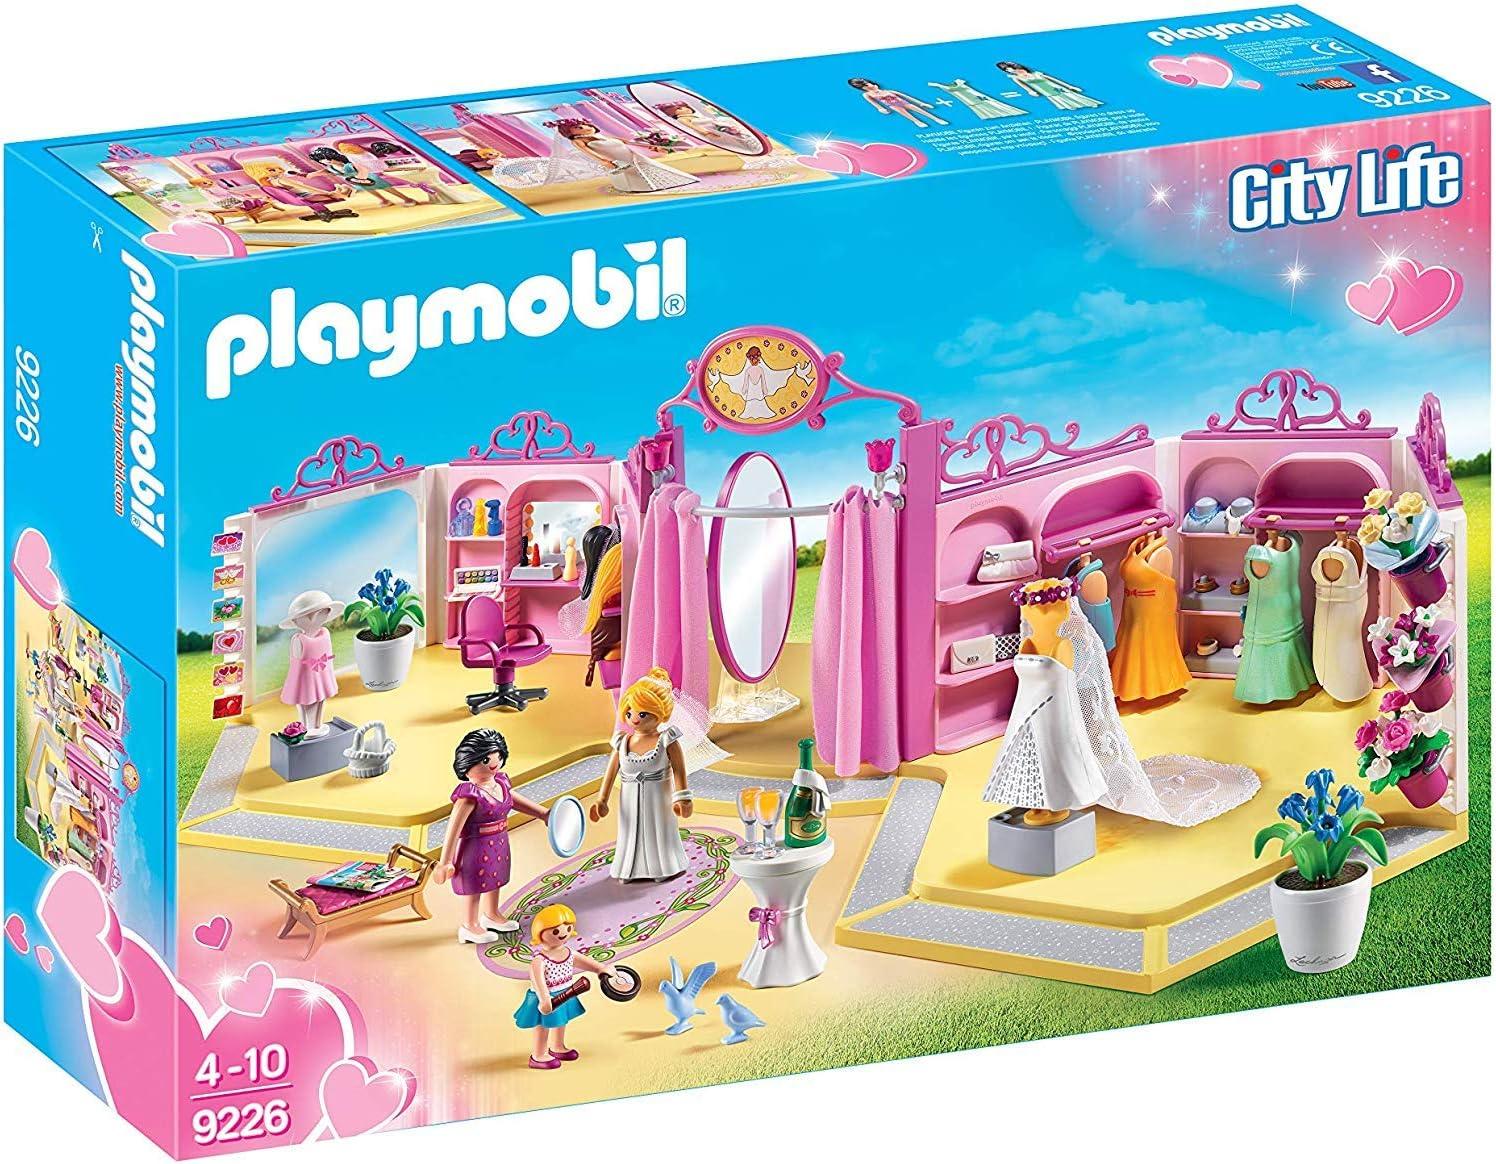 PLAYMOBIL City Life Tienda de Novias, A partir de 4 Años (9226)